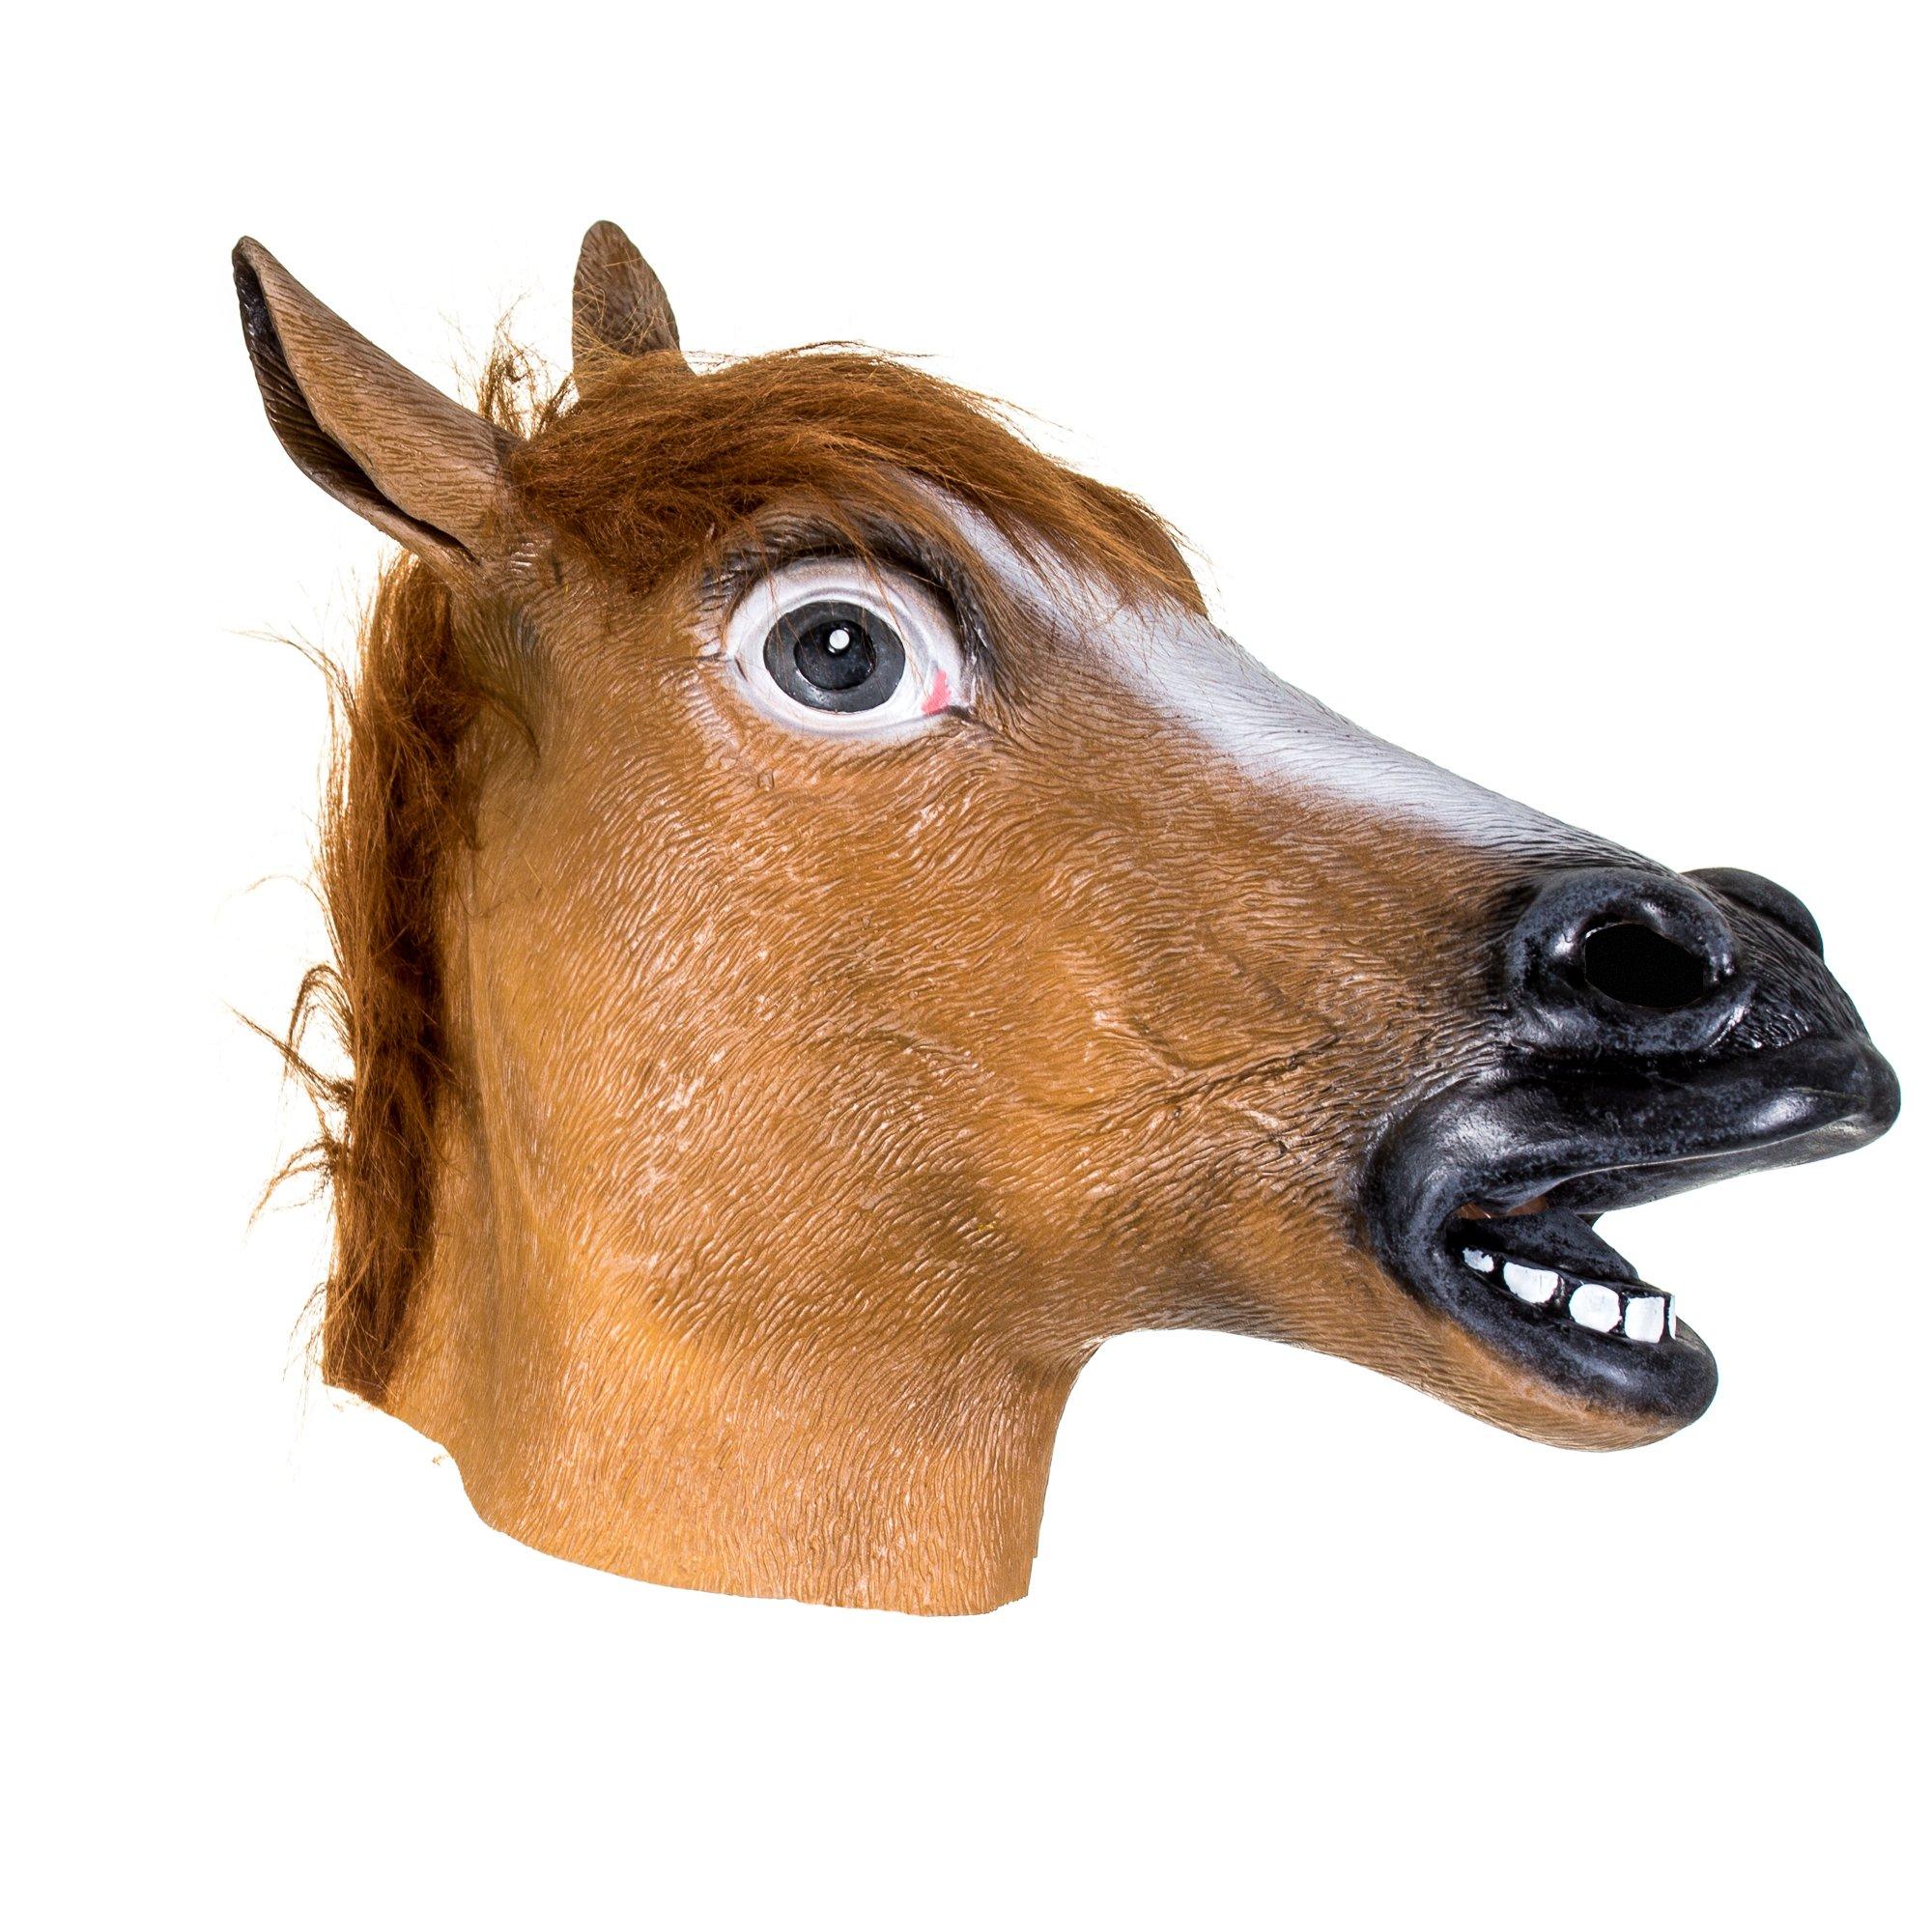 чтож друзья, картинка головы коня организация имеет, или